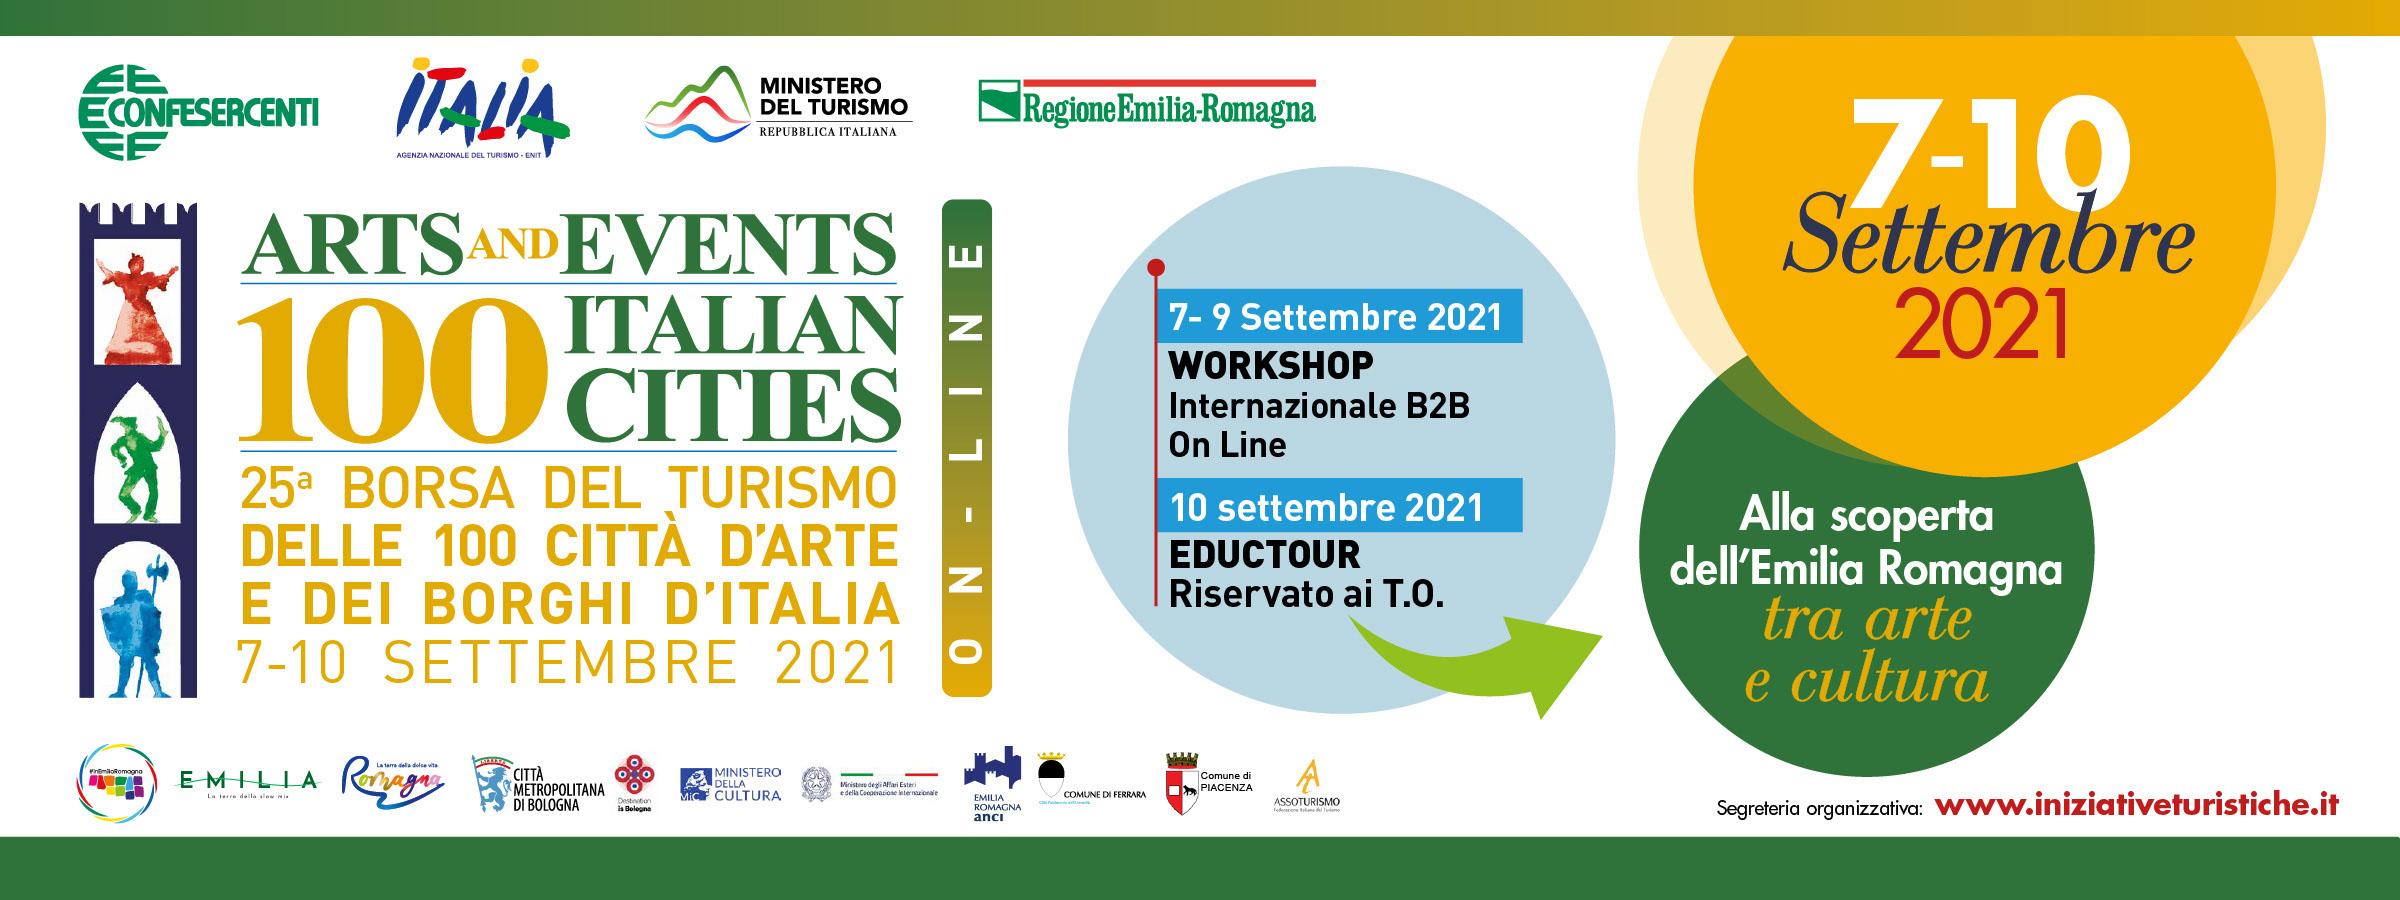 Dal 7 al 10 settembre la 25ª Borsa del turismo delle 100 città d'arte e dei borghi d'italia.